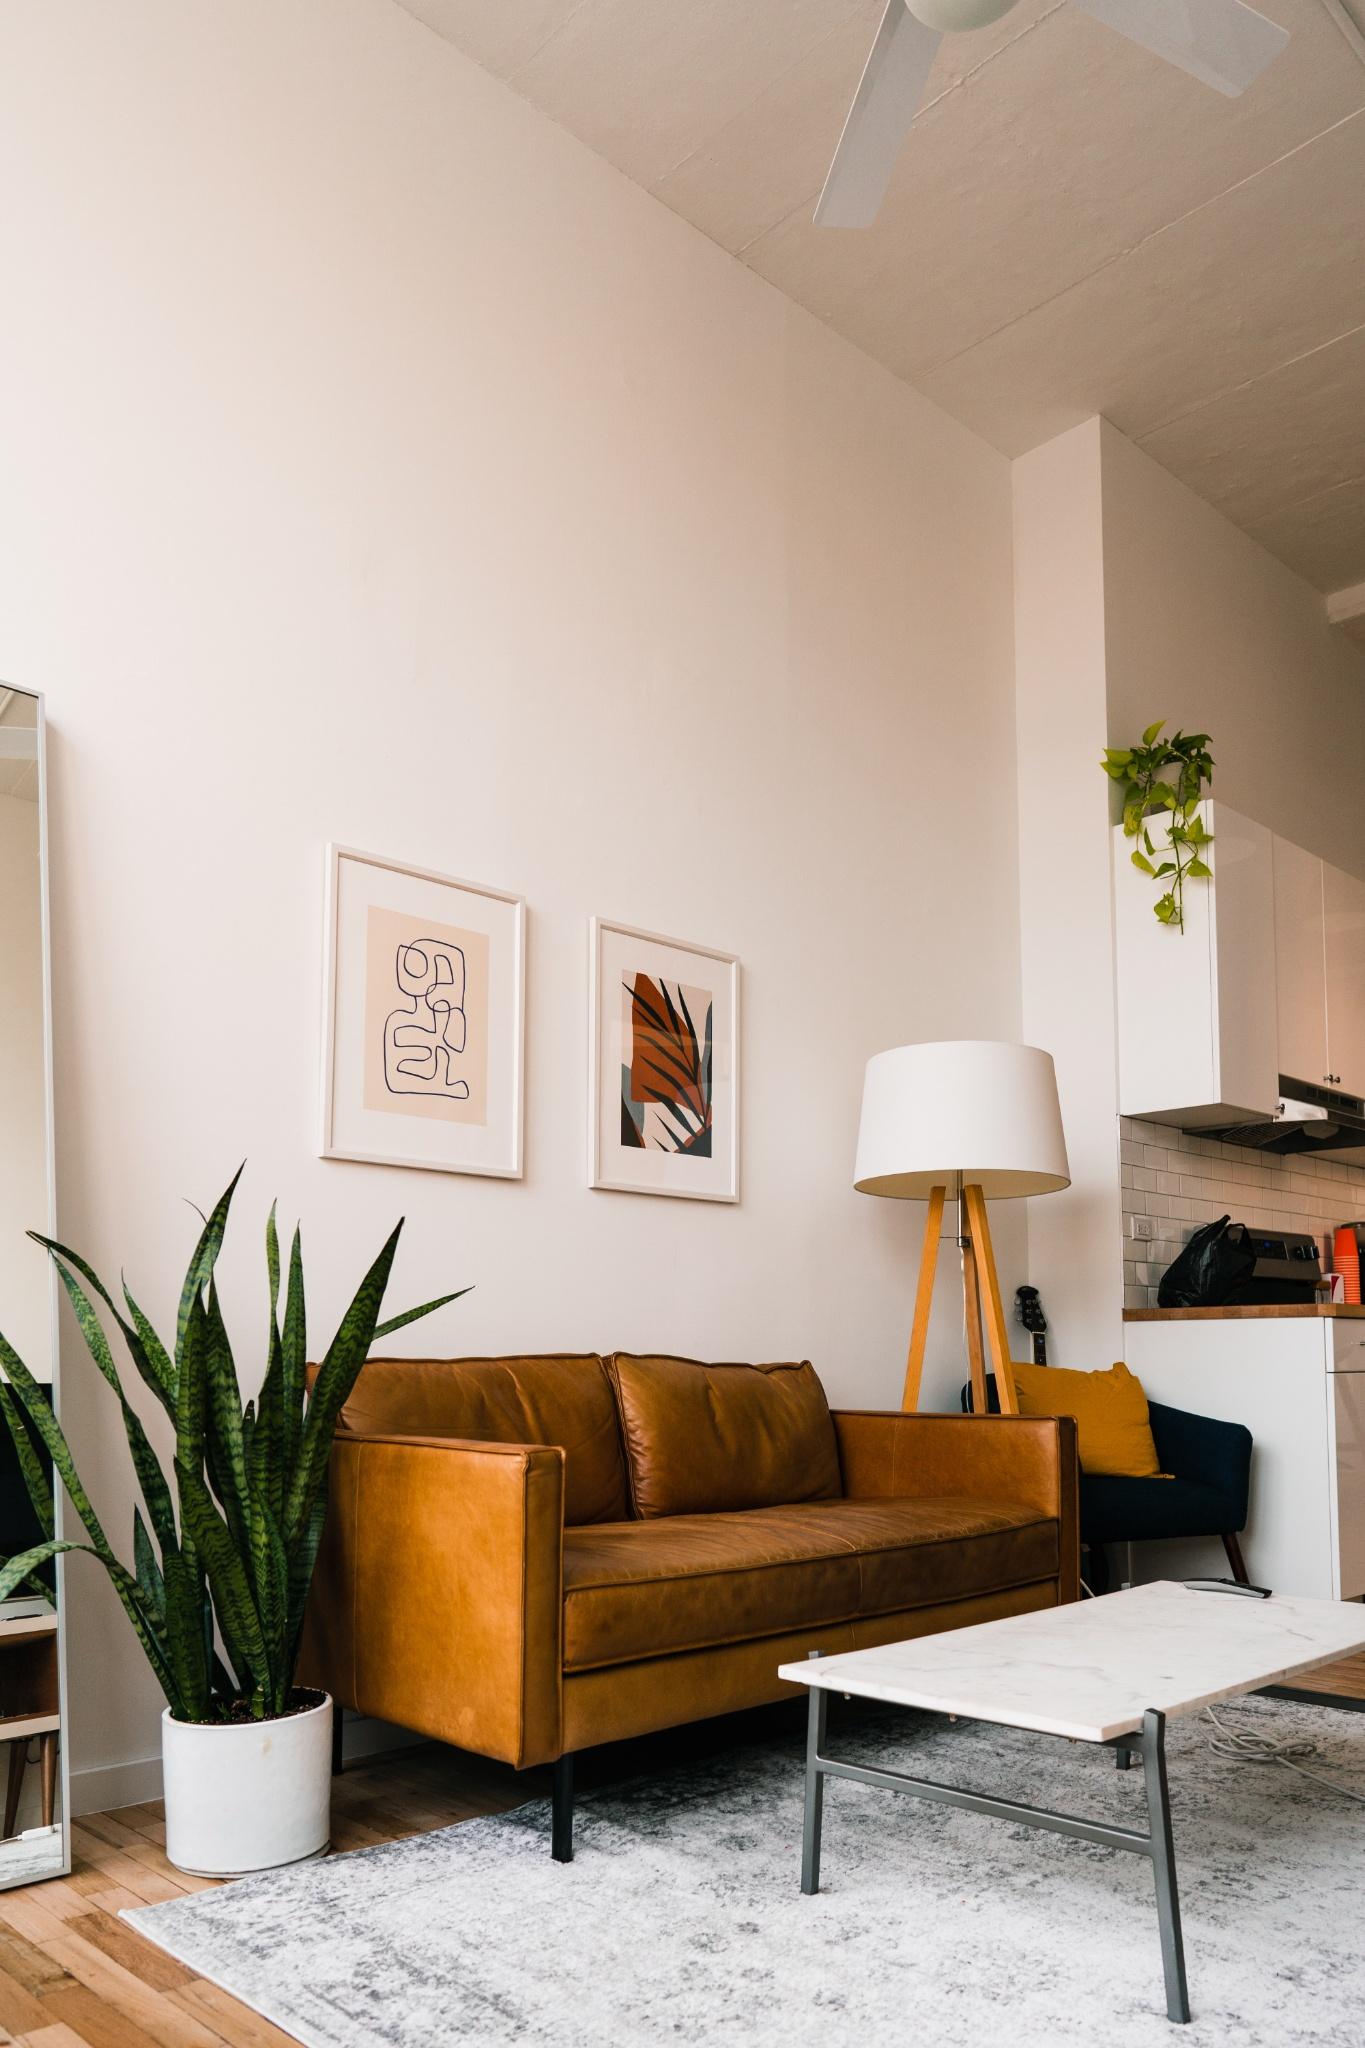 3 simple råd til indretning af stuen